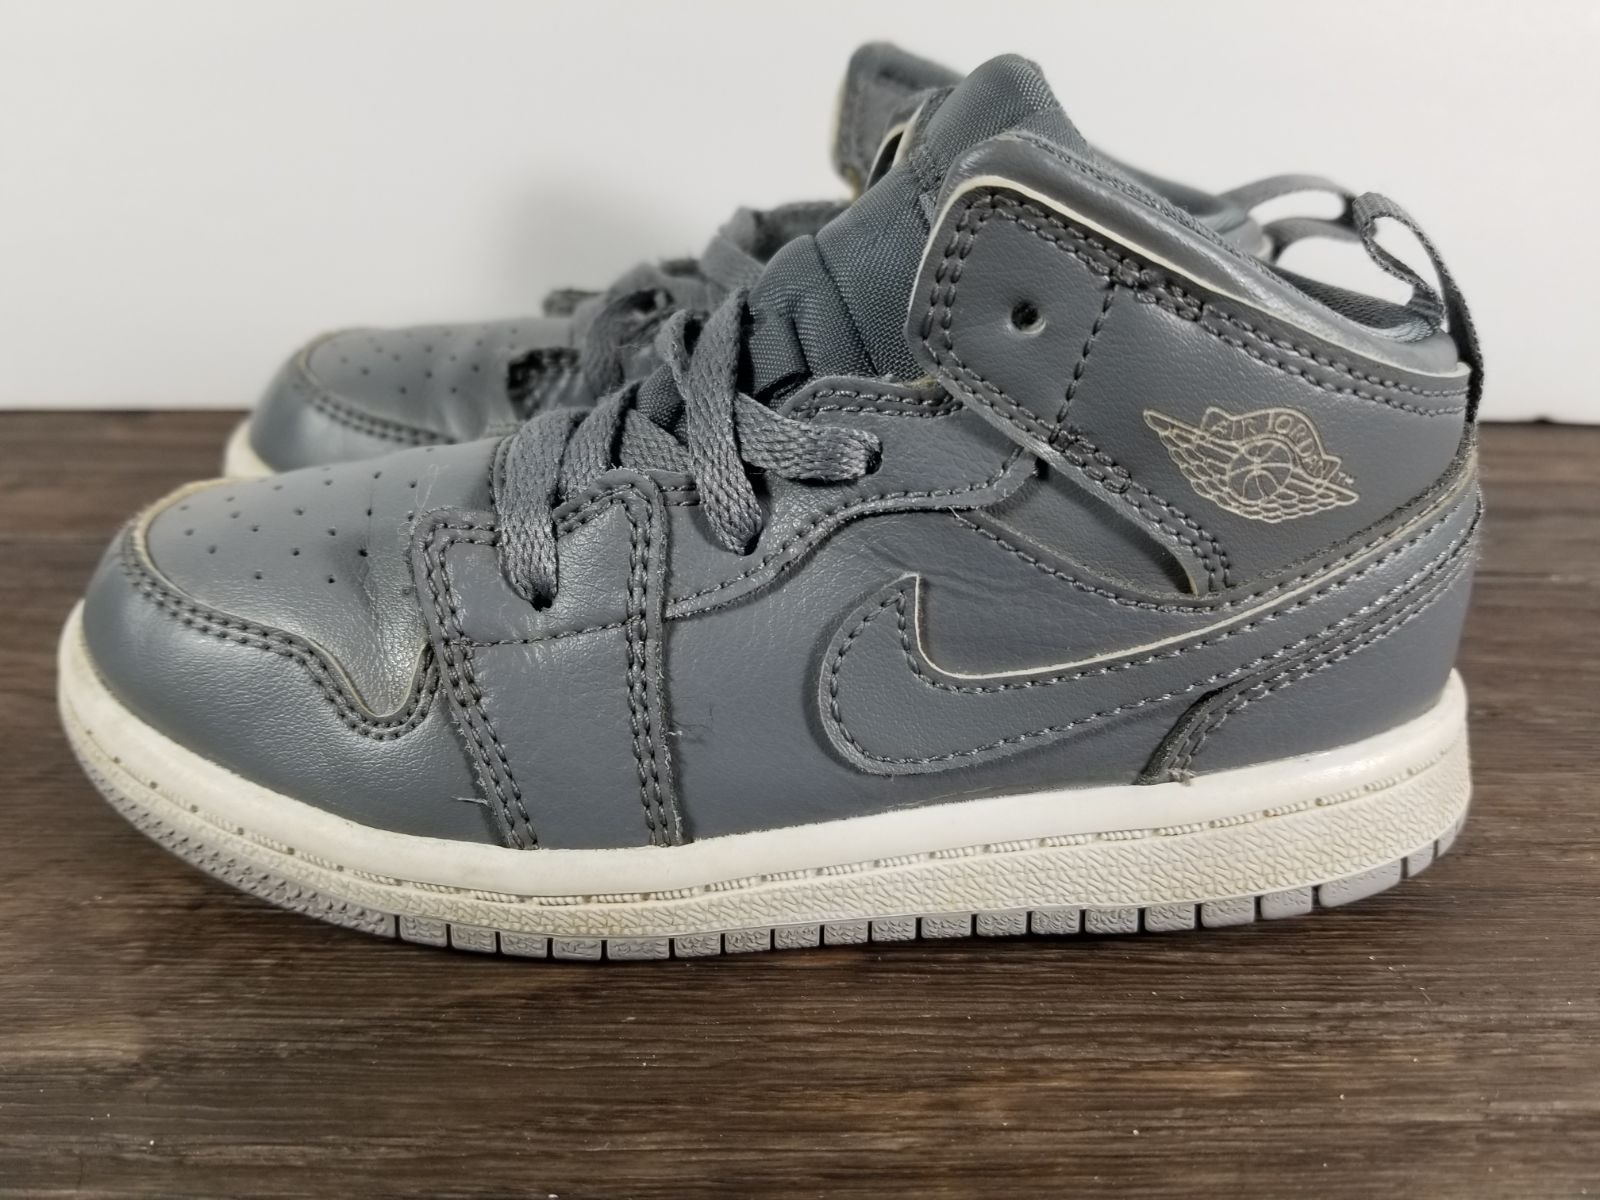 Nike Air Jordan 1 Retro Toddler SZ:9C